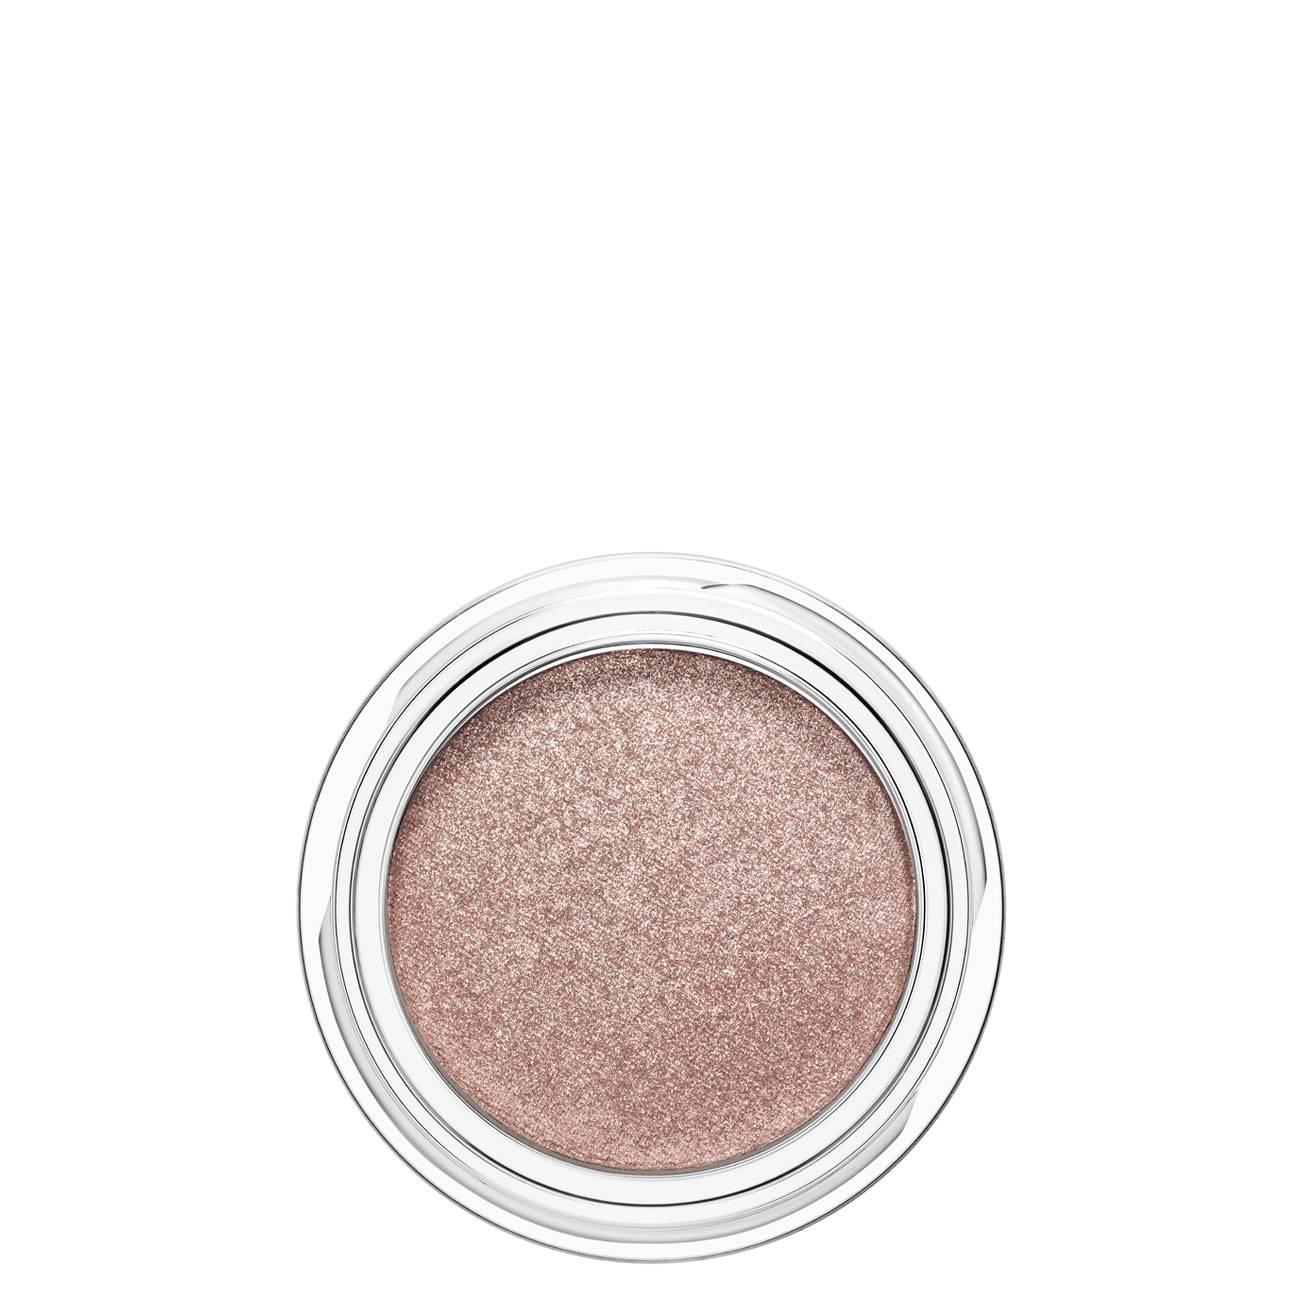 Iridescent Eyeshadow 7 Ml Silver Pink 5 Clarins imagine 2021 bestvalue.eu